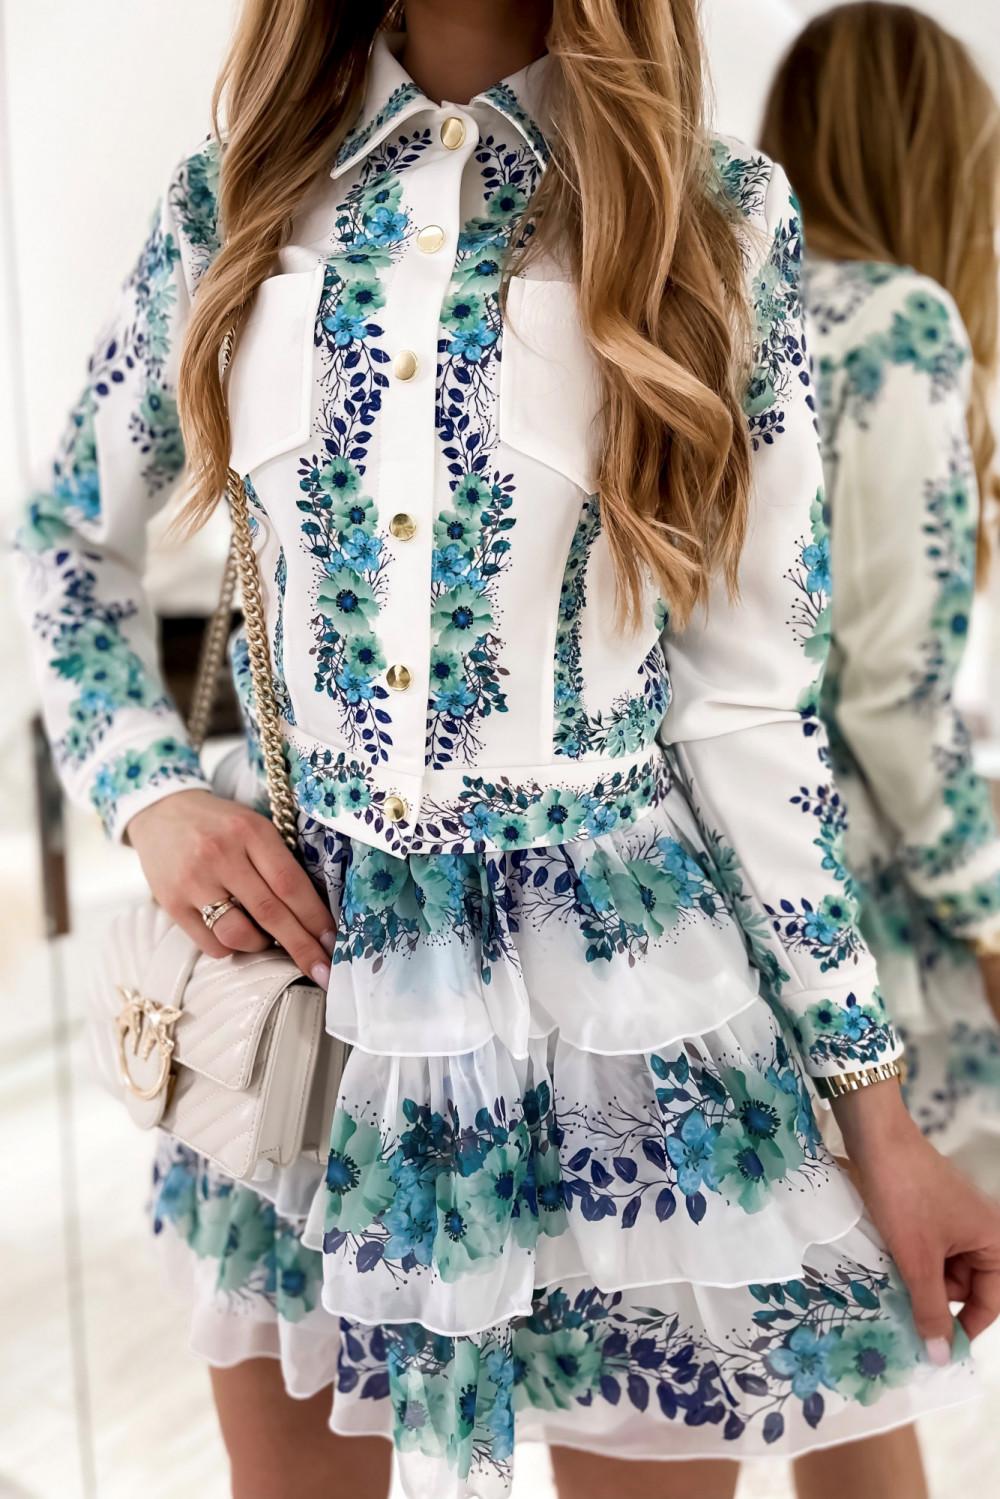 Niebieski kwiatowy komplet katany i spódniczki Florencia 8